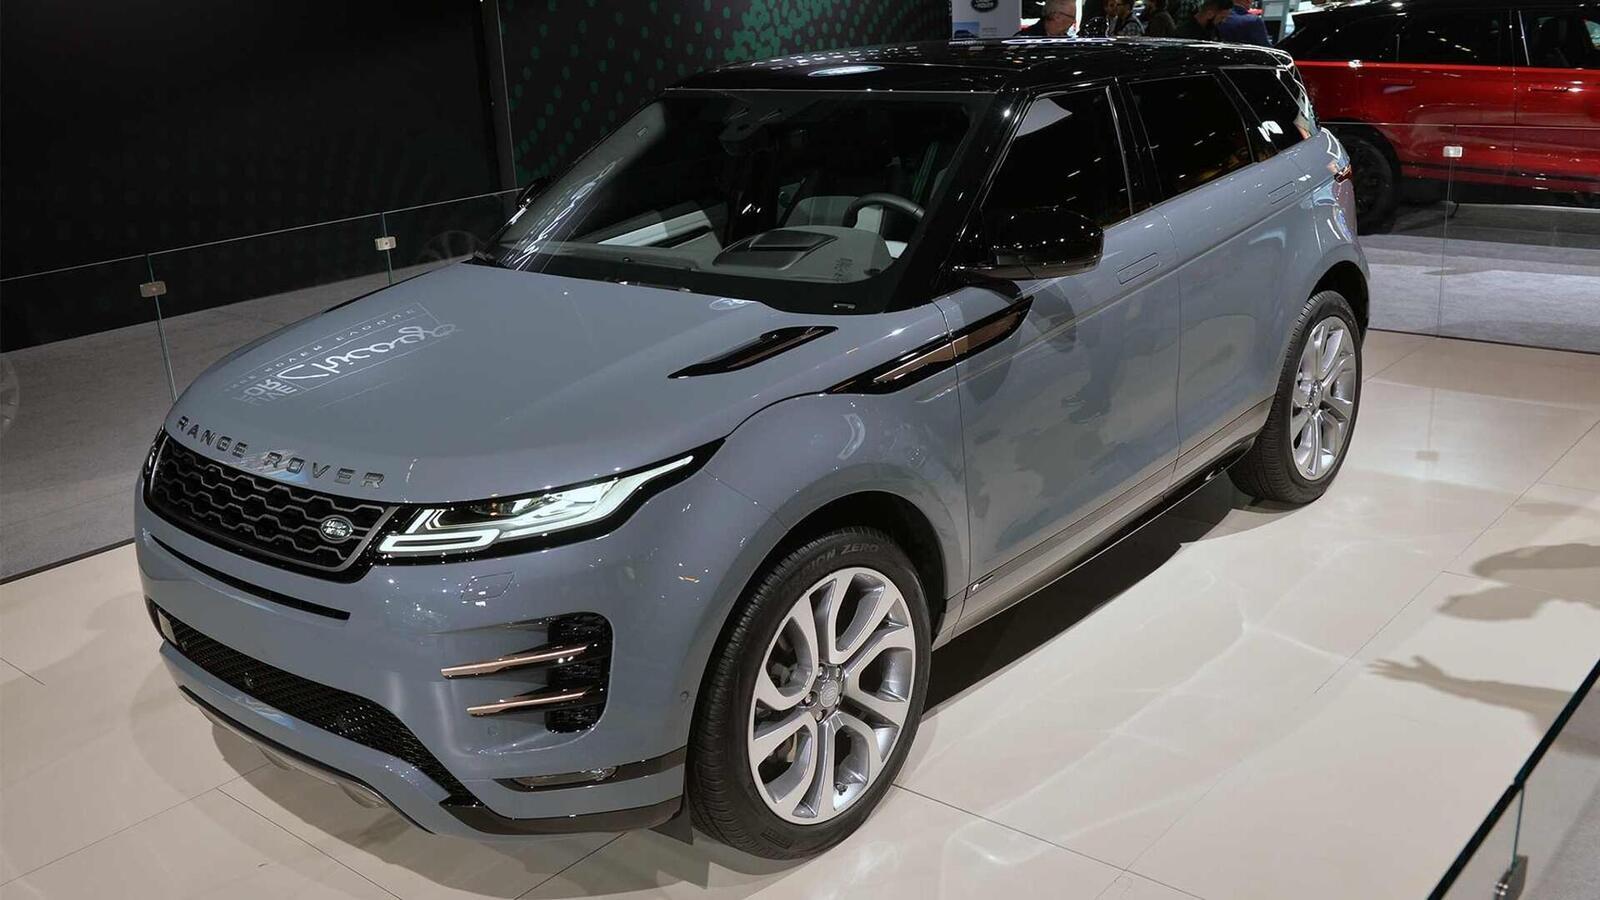 Range Rover Evoque mới tại Mỹ có giá từ 43.645 USD, đắt hơn Audi Q5 và Mercedes GLC - Hình 9